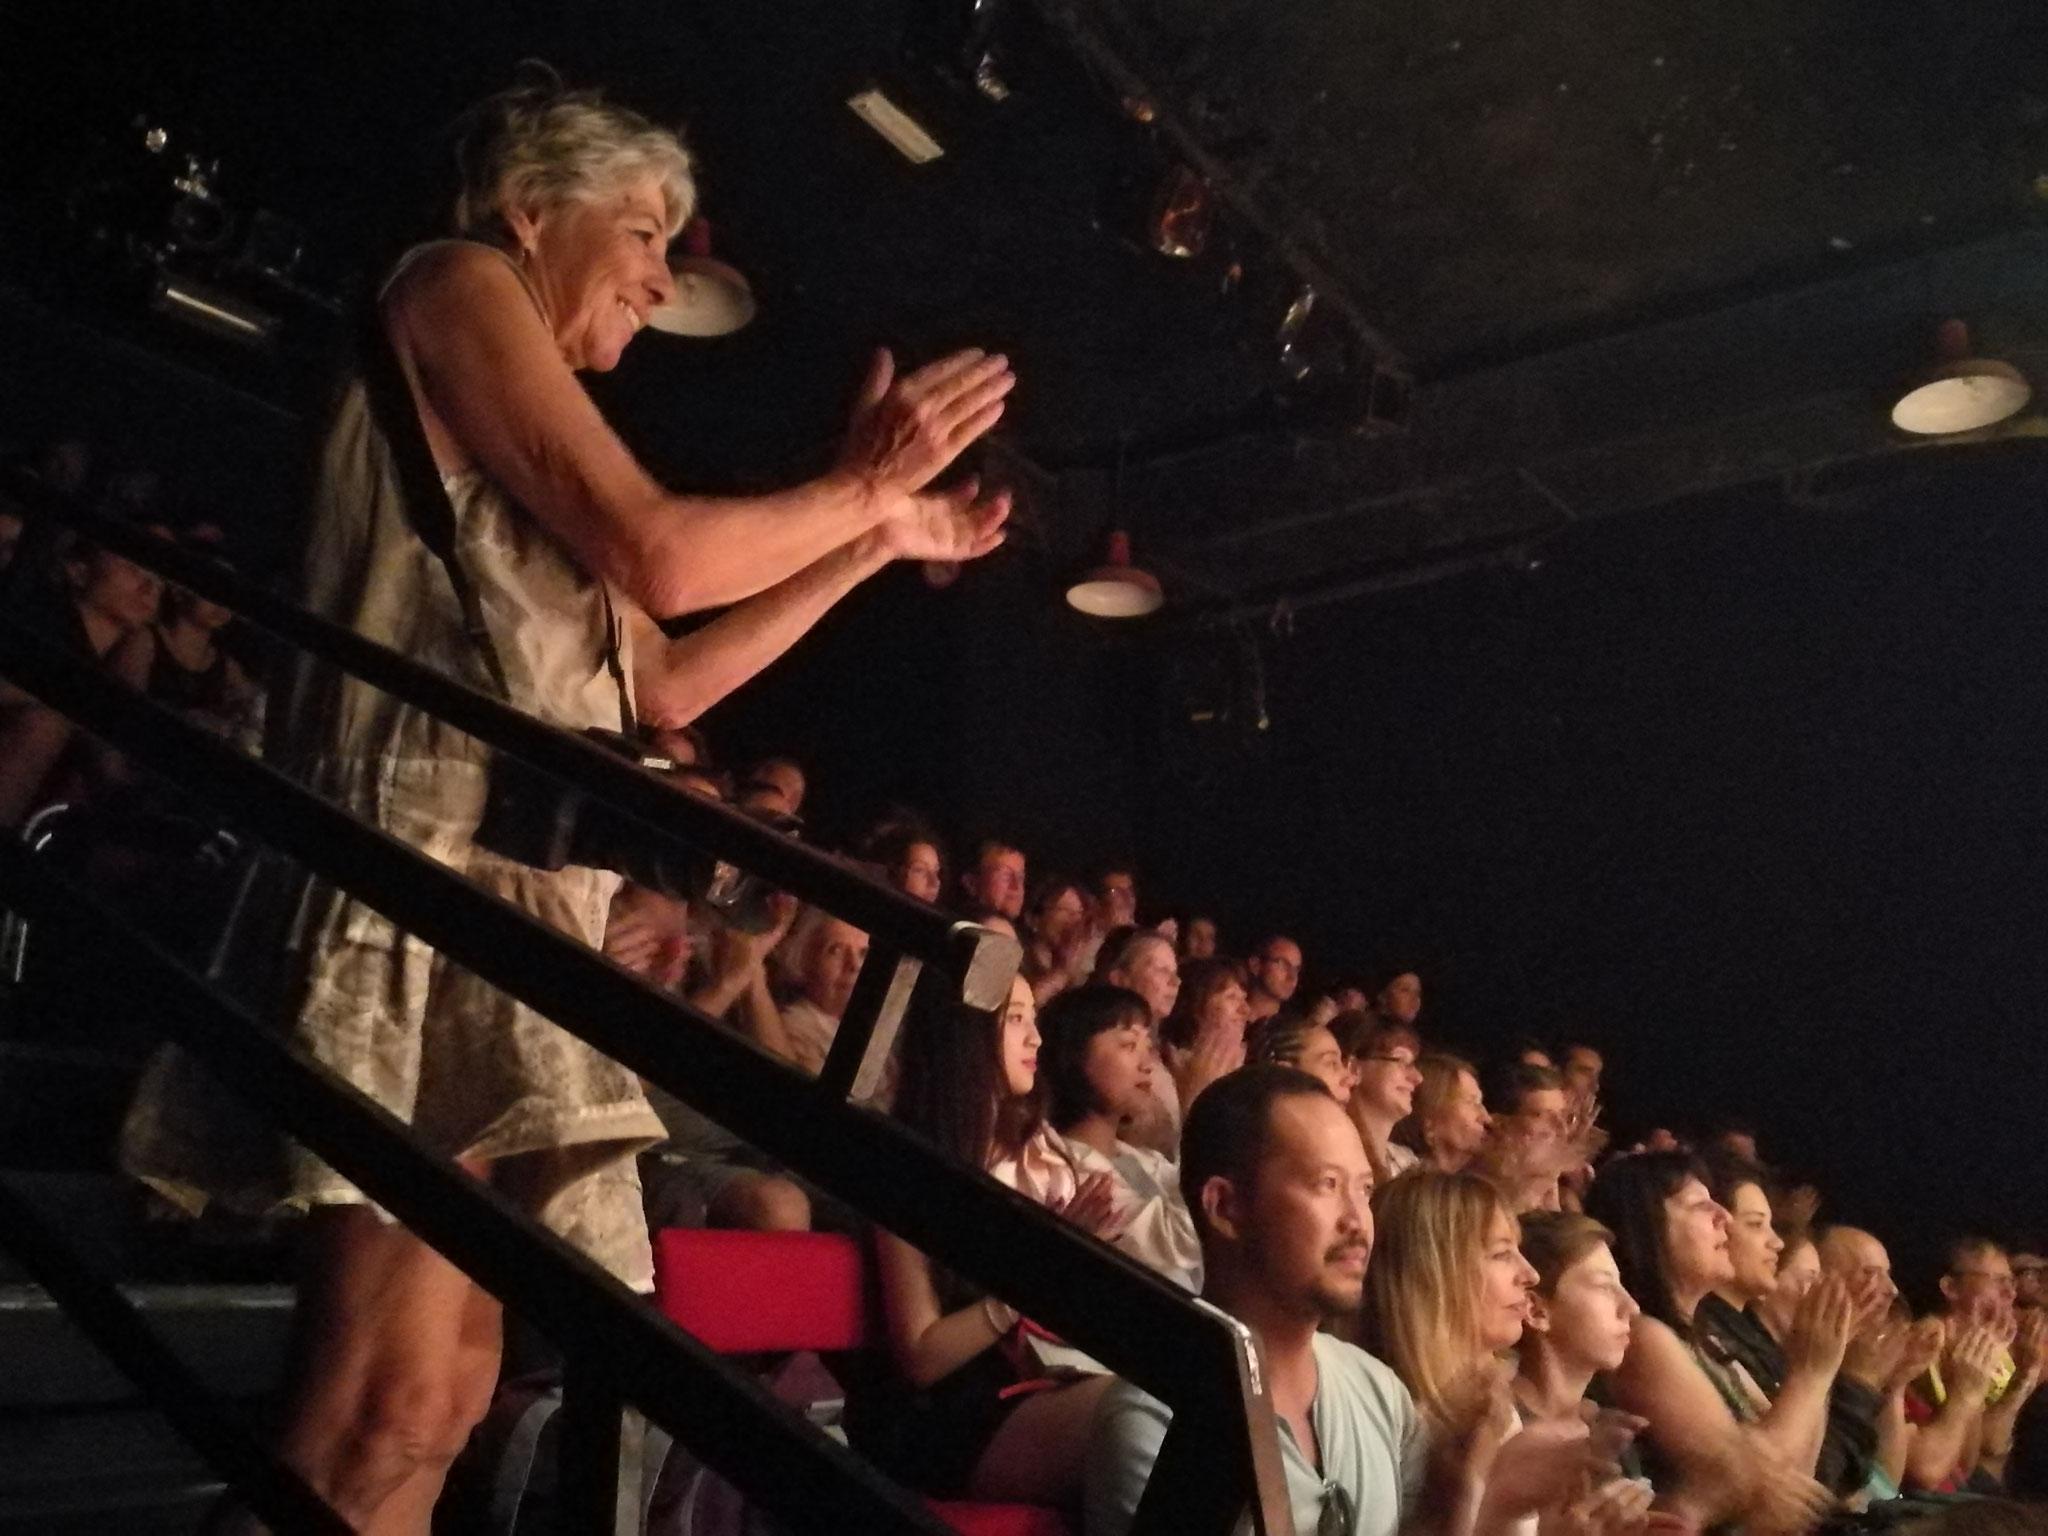 最后谢幕时的观众